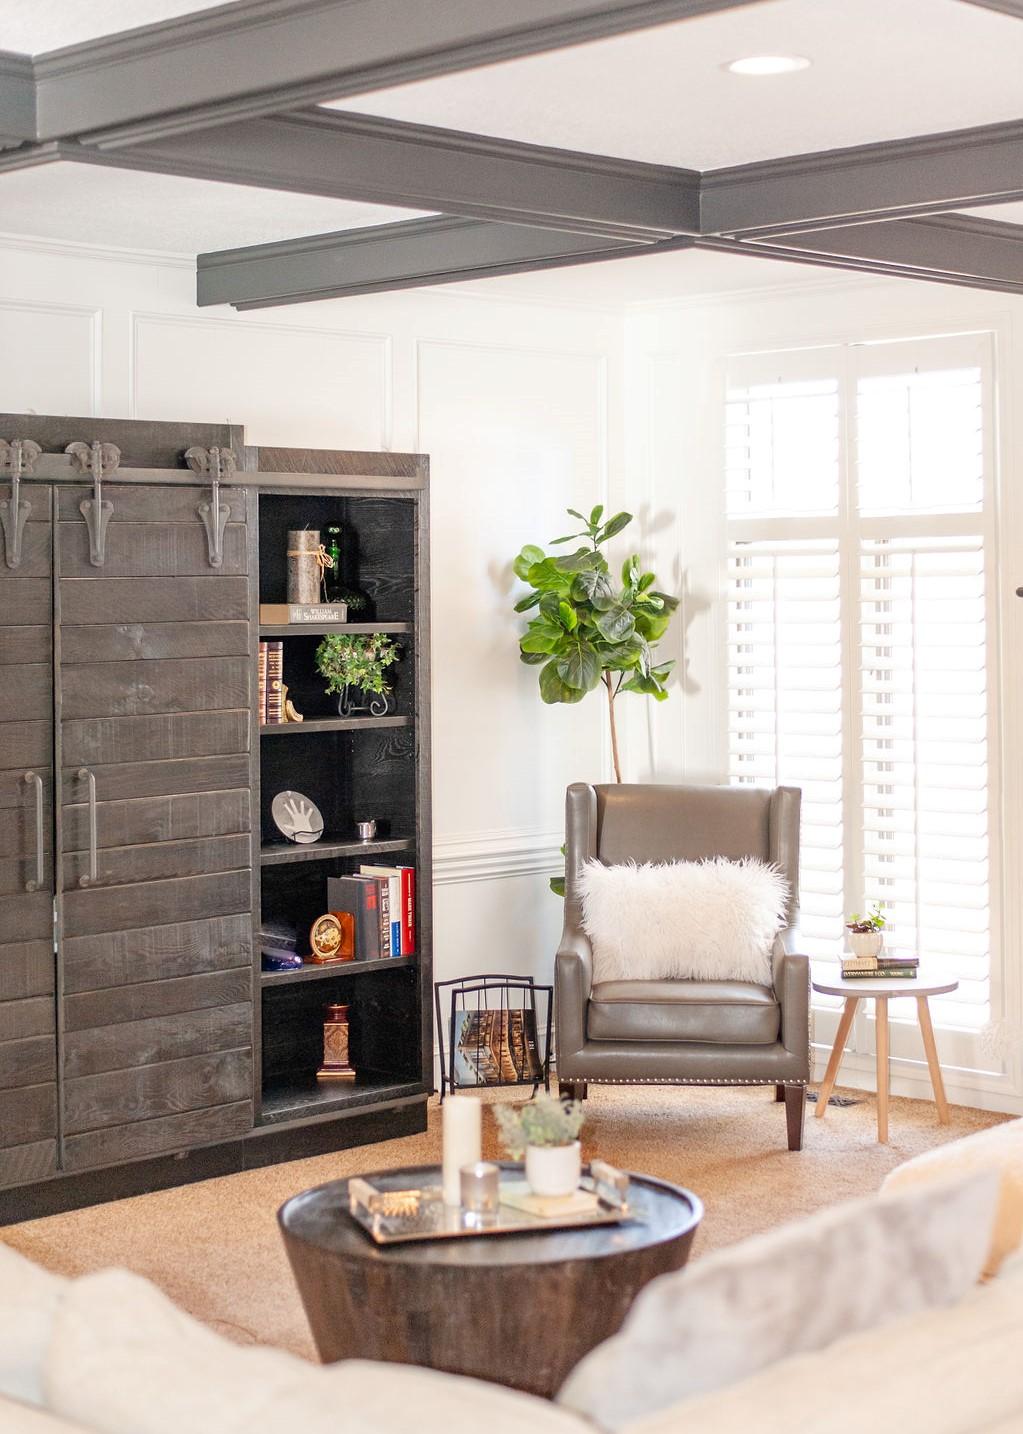 Blank-Canvas-Interior-Design-in-kansas-city-Living-Room.jpg